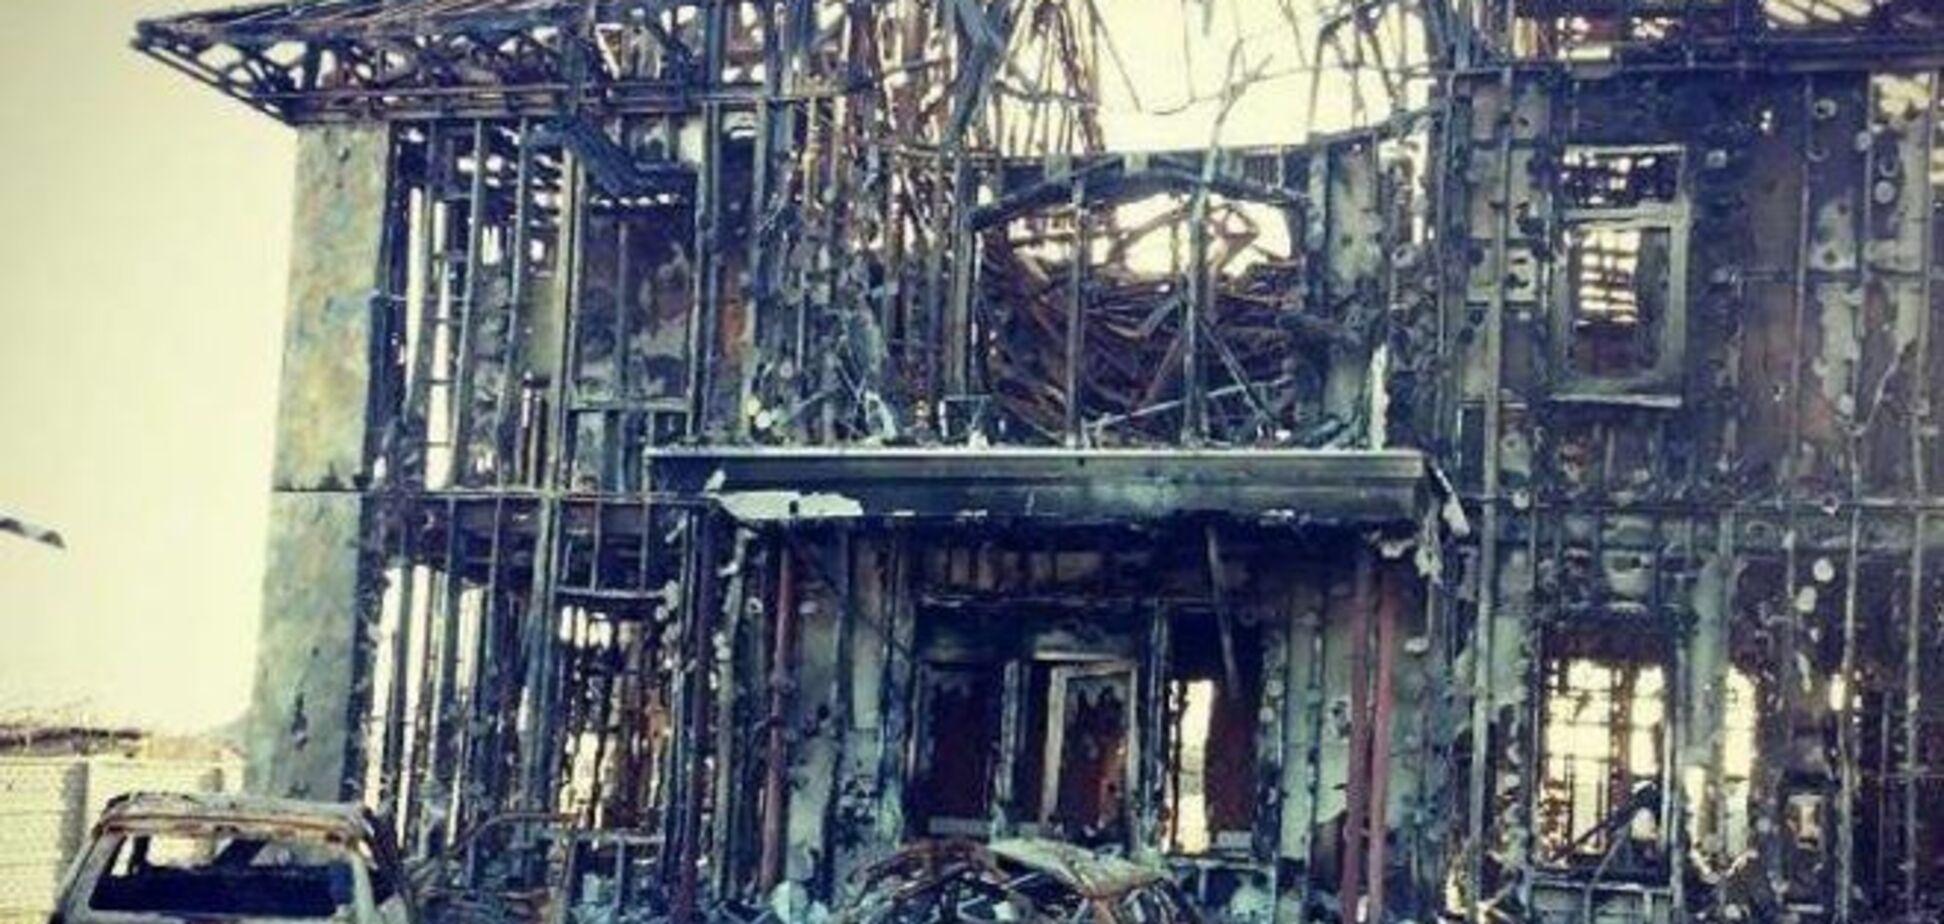 'Как в Чечне побывали': в ОБСЕ даже не представляли, что творится в Тоненьком и Песках - волонтер